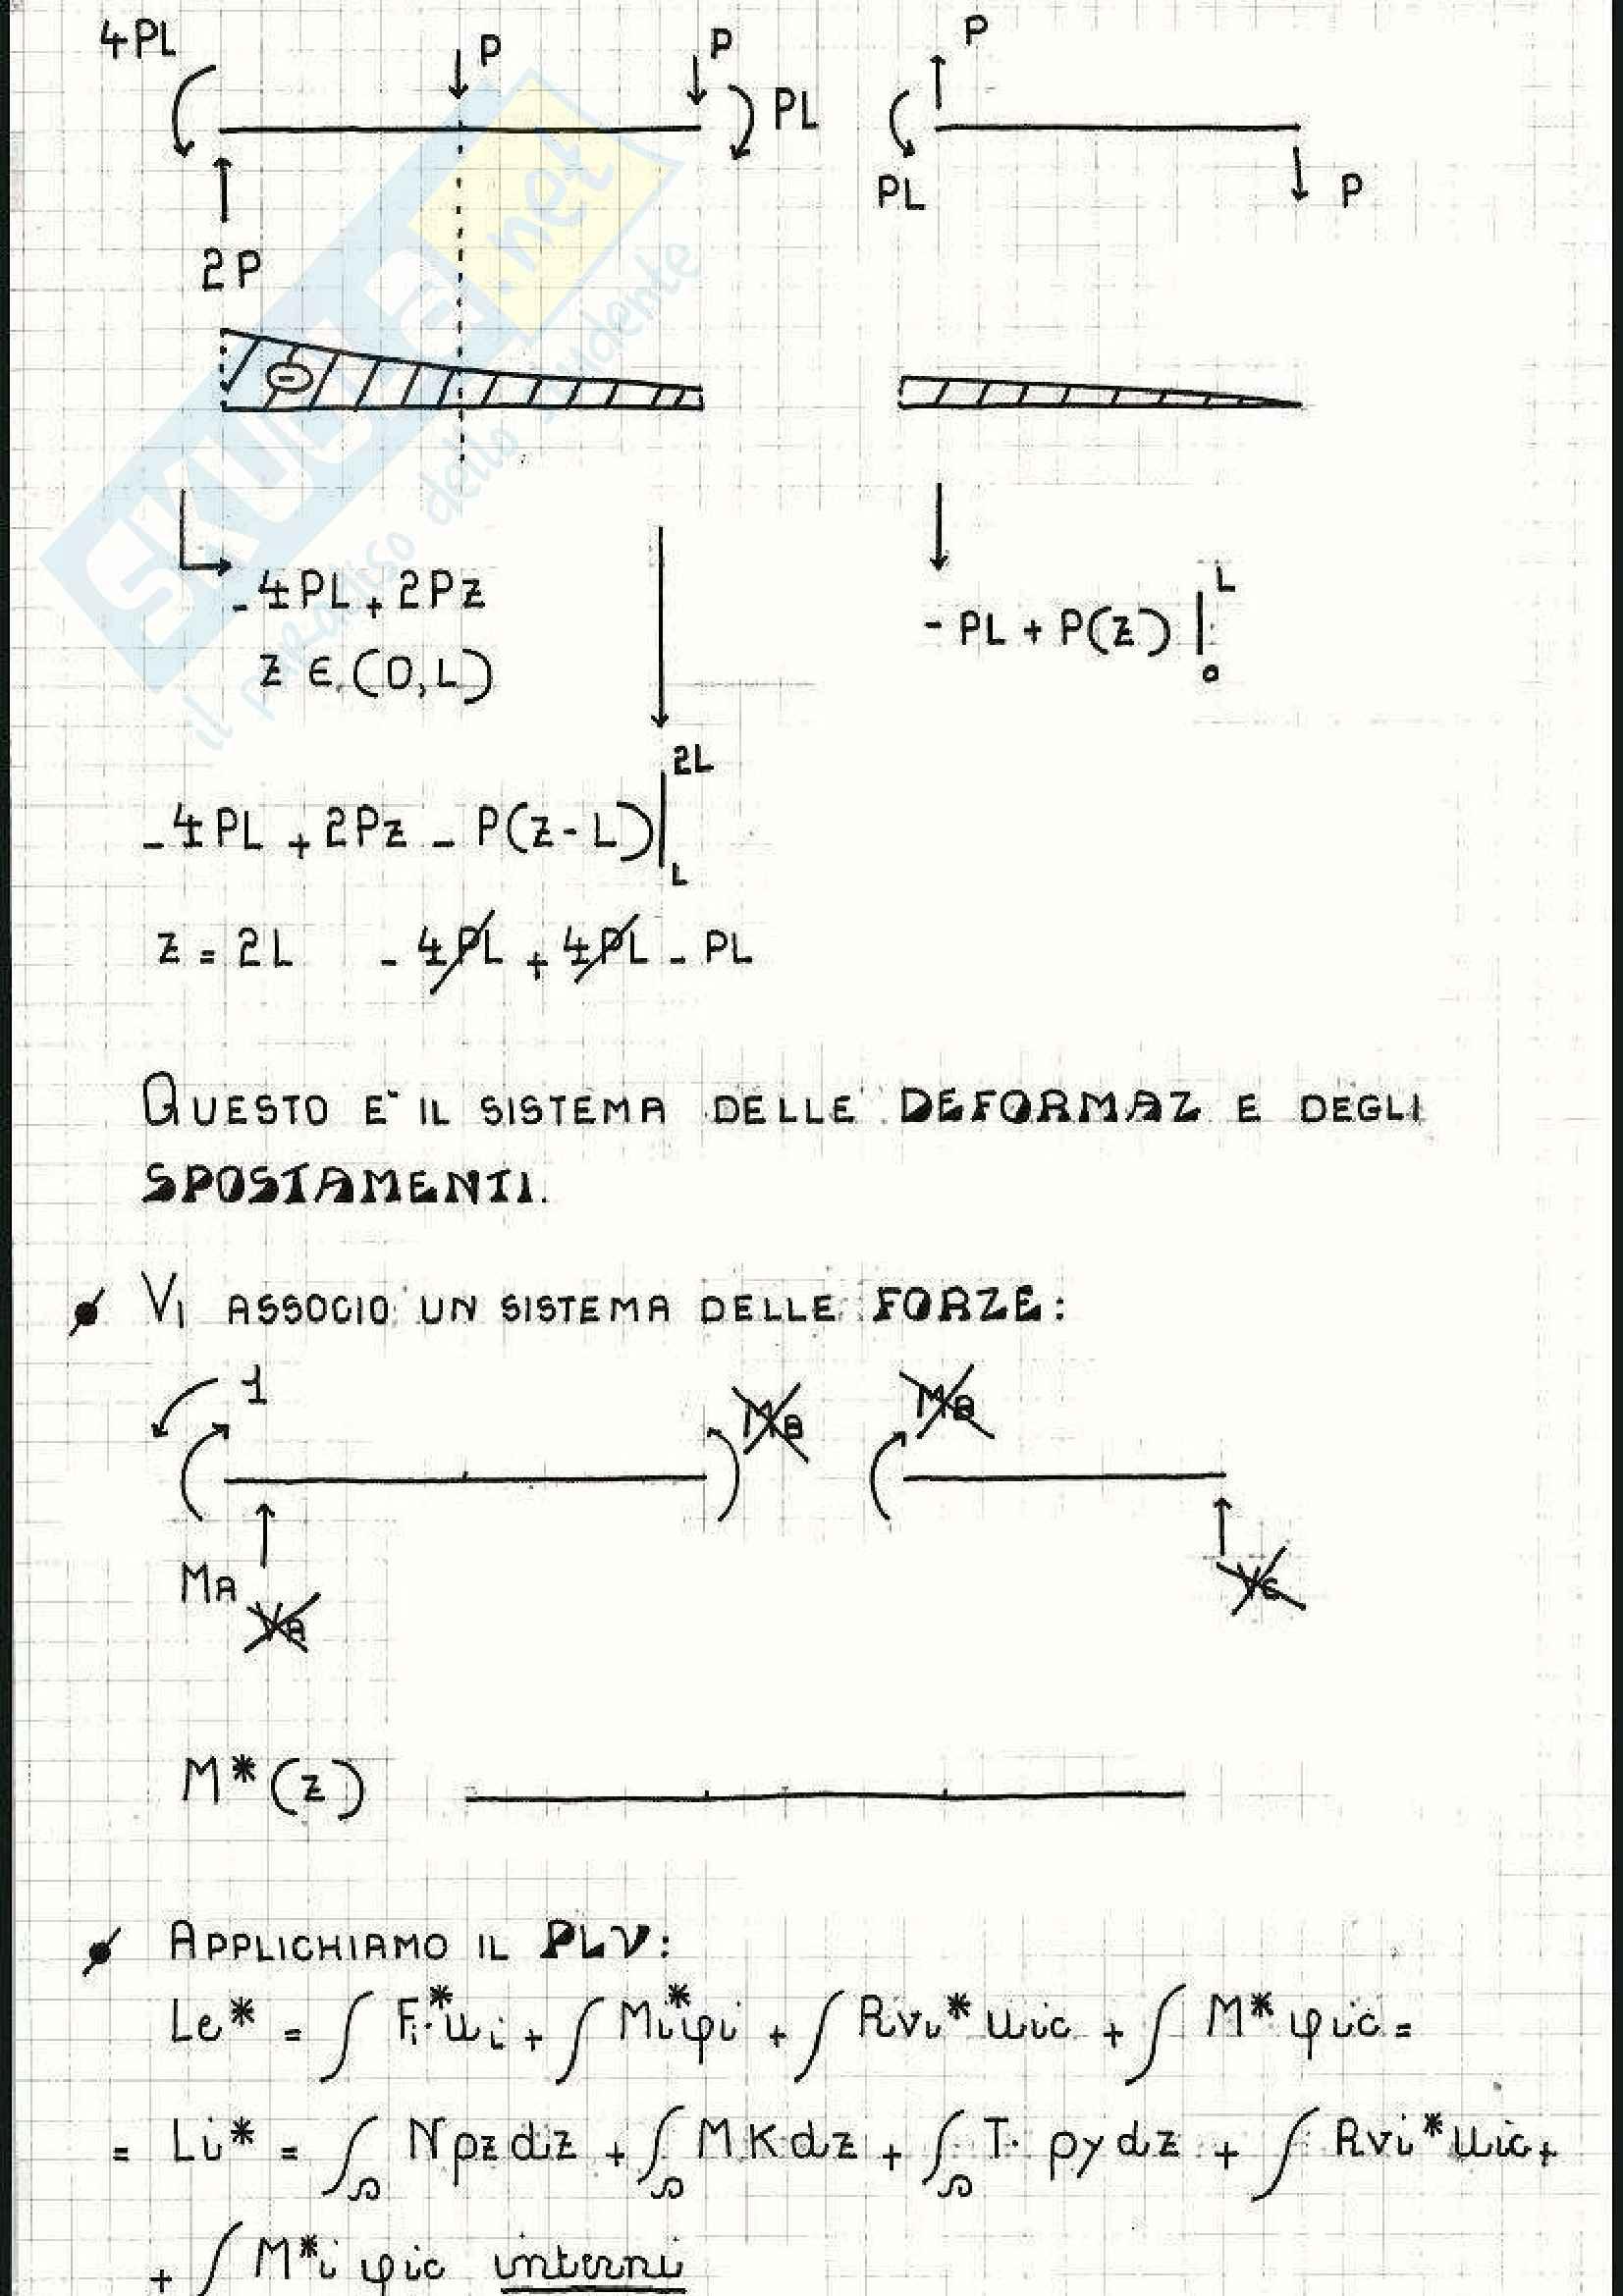 Scienza delle costruzioni - Esercizi su lavoro virtuale e Mohr Pag. 11